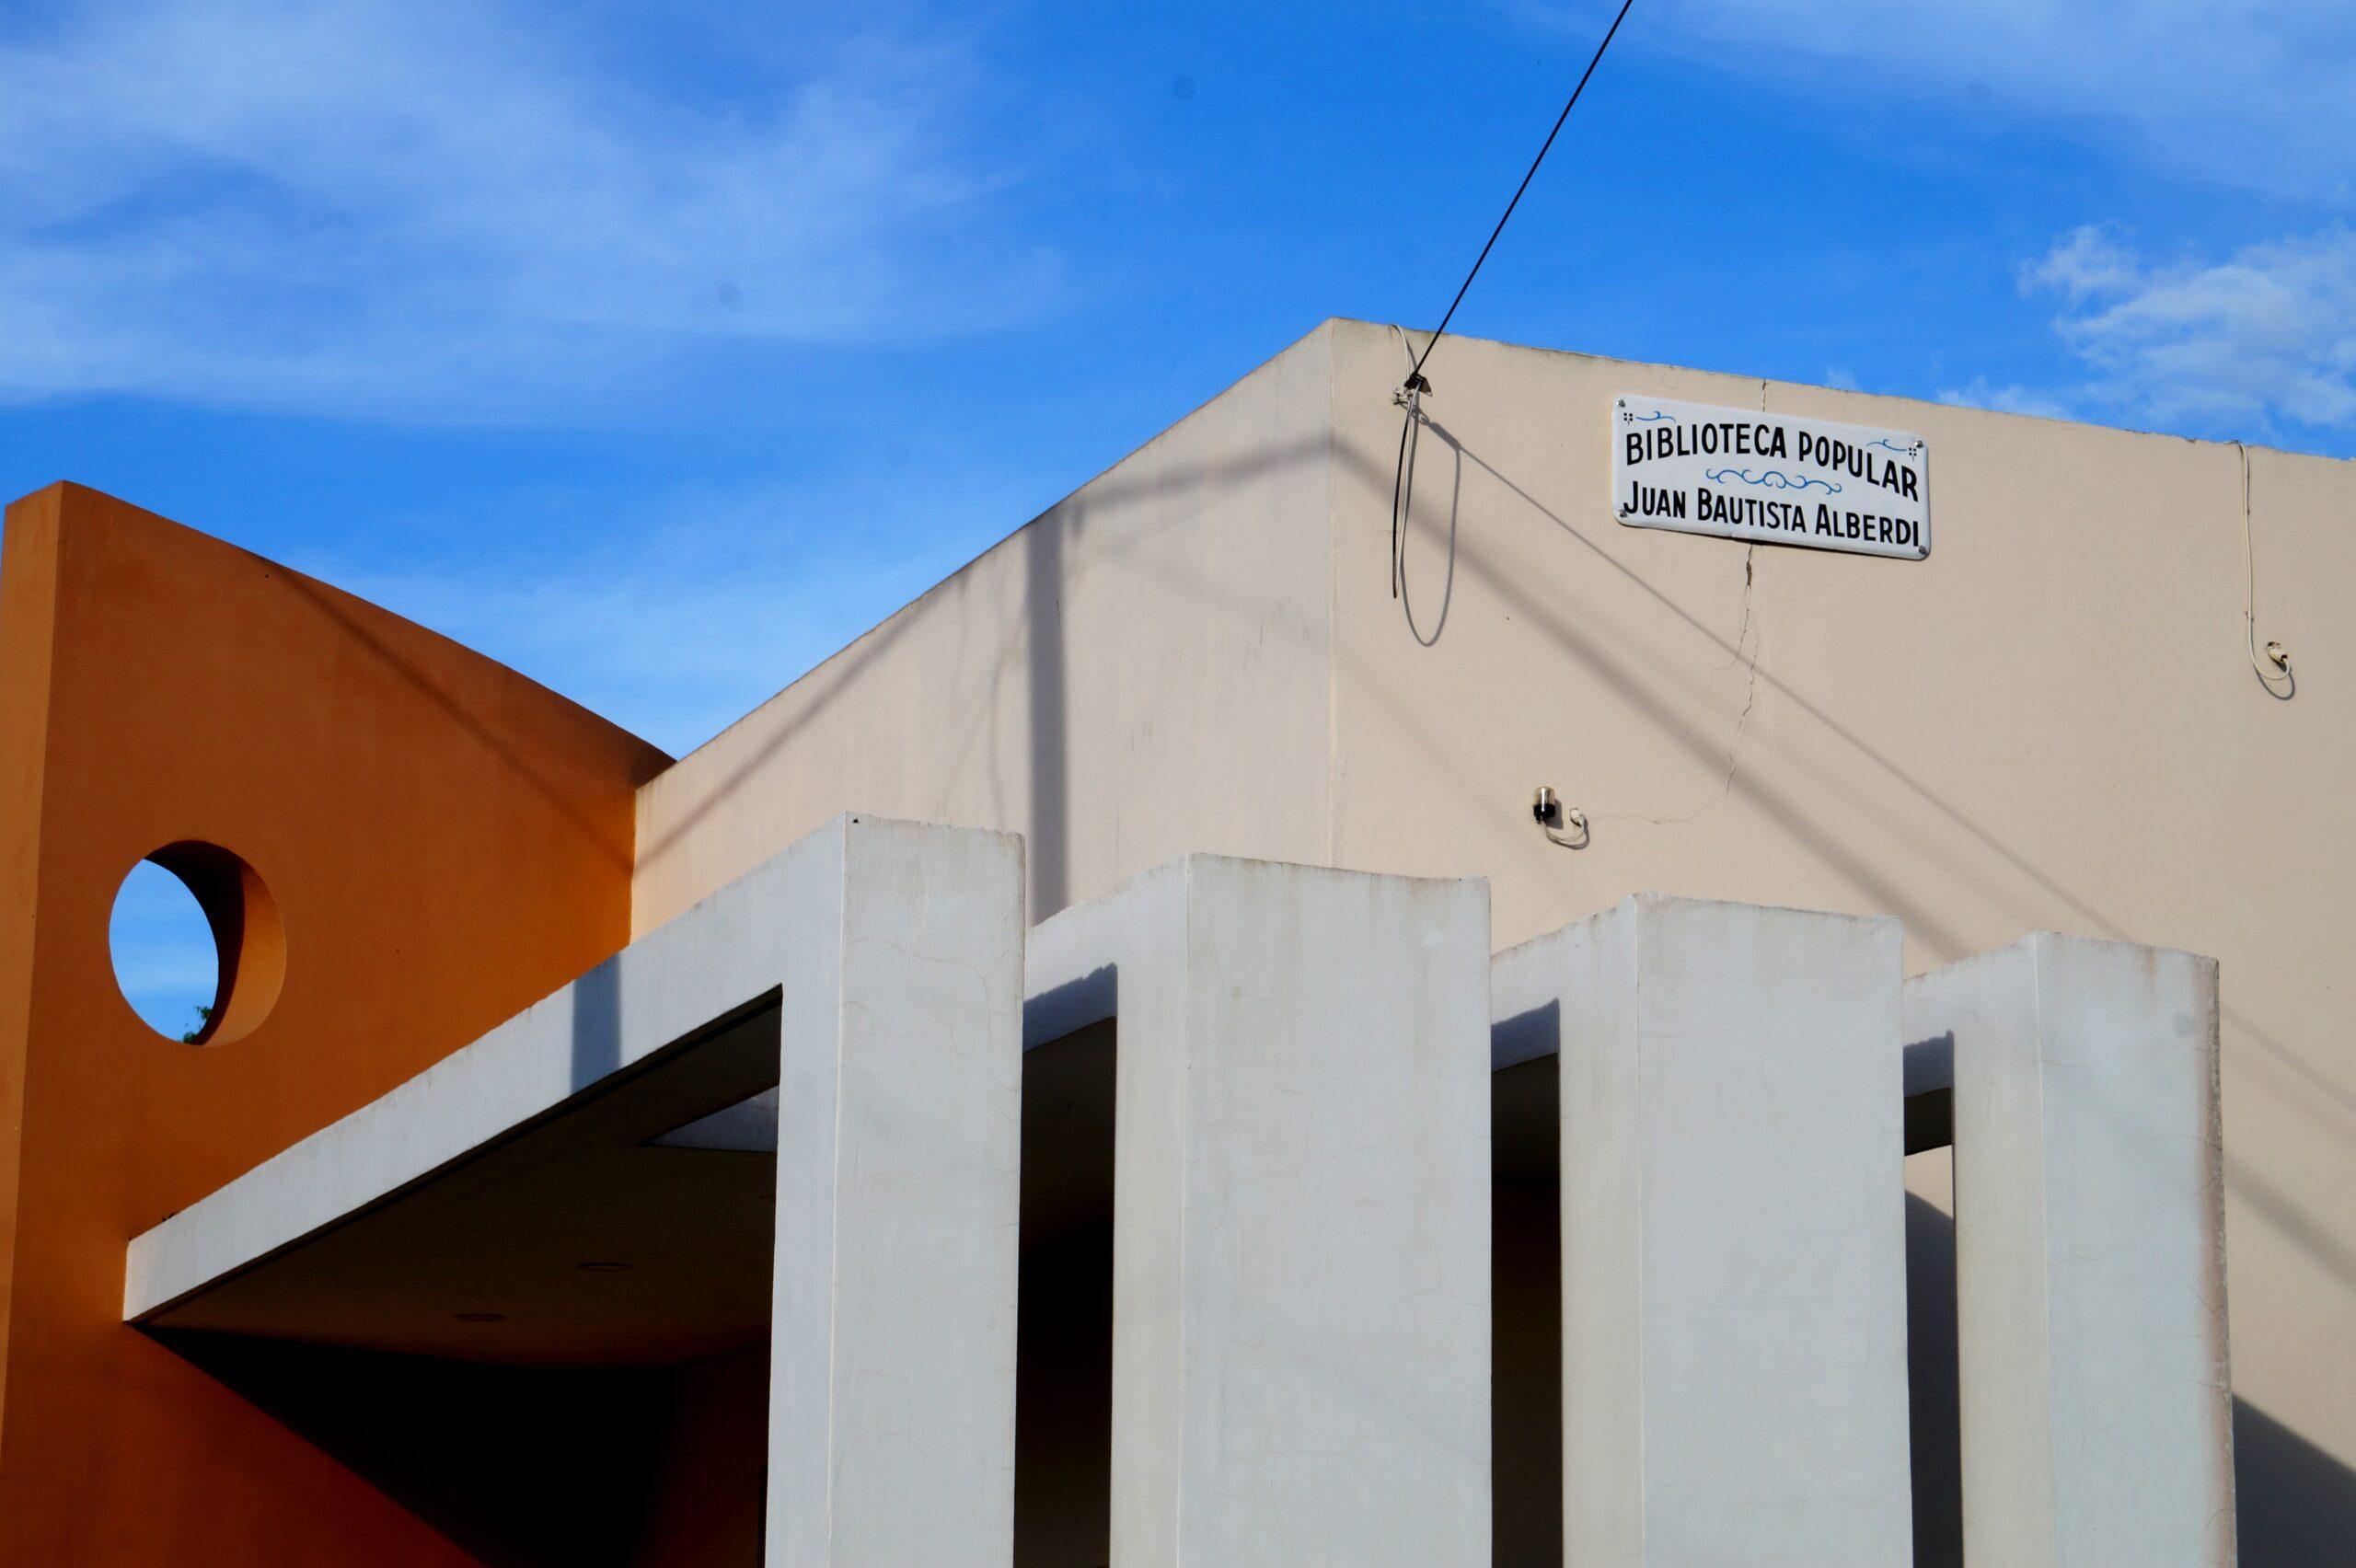 Recuperación del histórico cartel de la Biblioteca Juan Bautista Alberdi